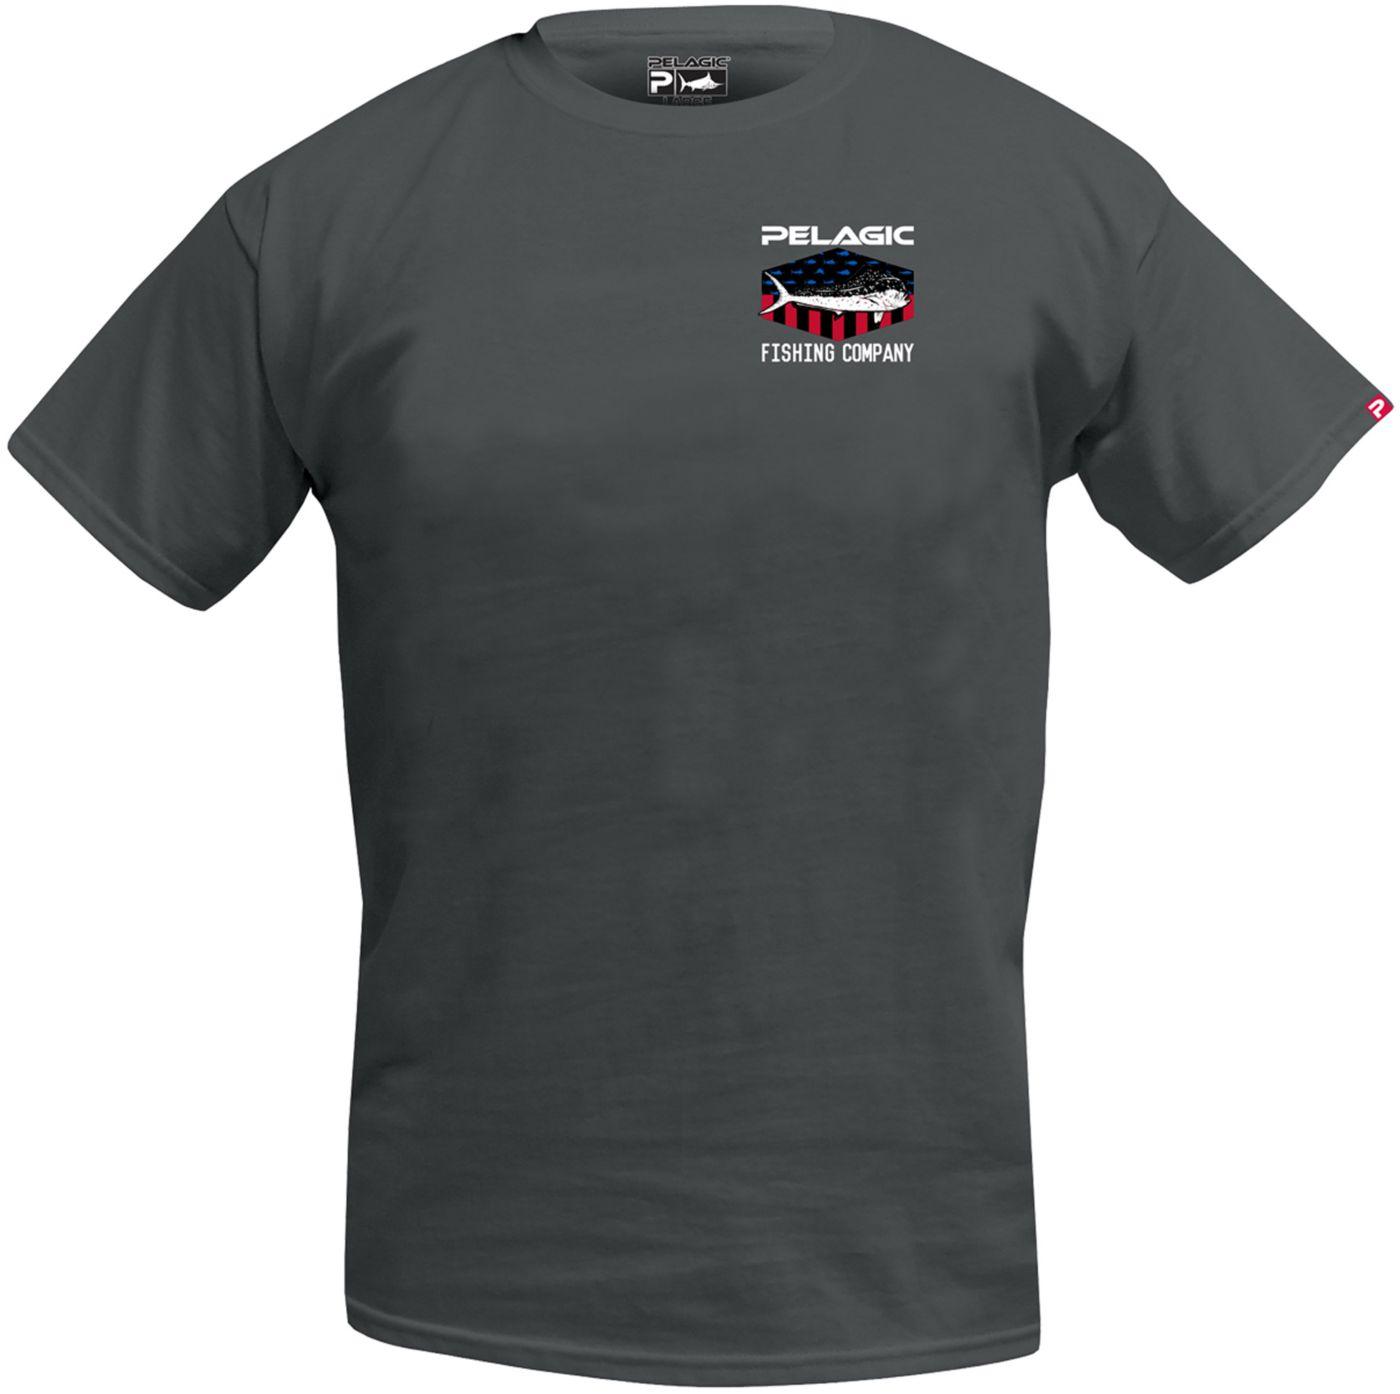 Pelagic Men's Patriot Dorado T-Shirt